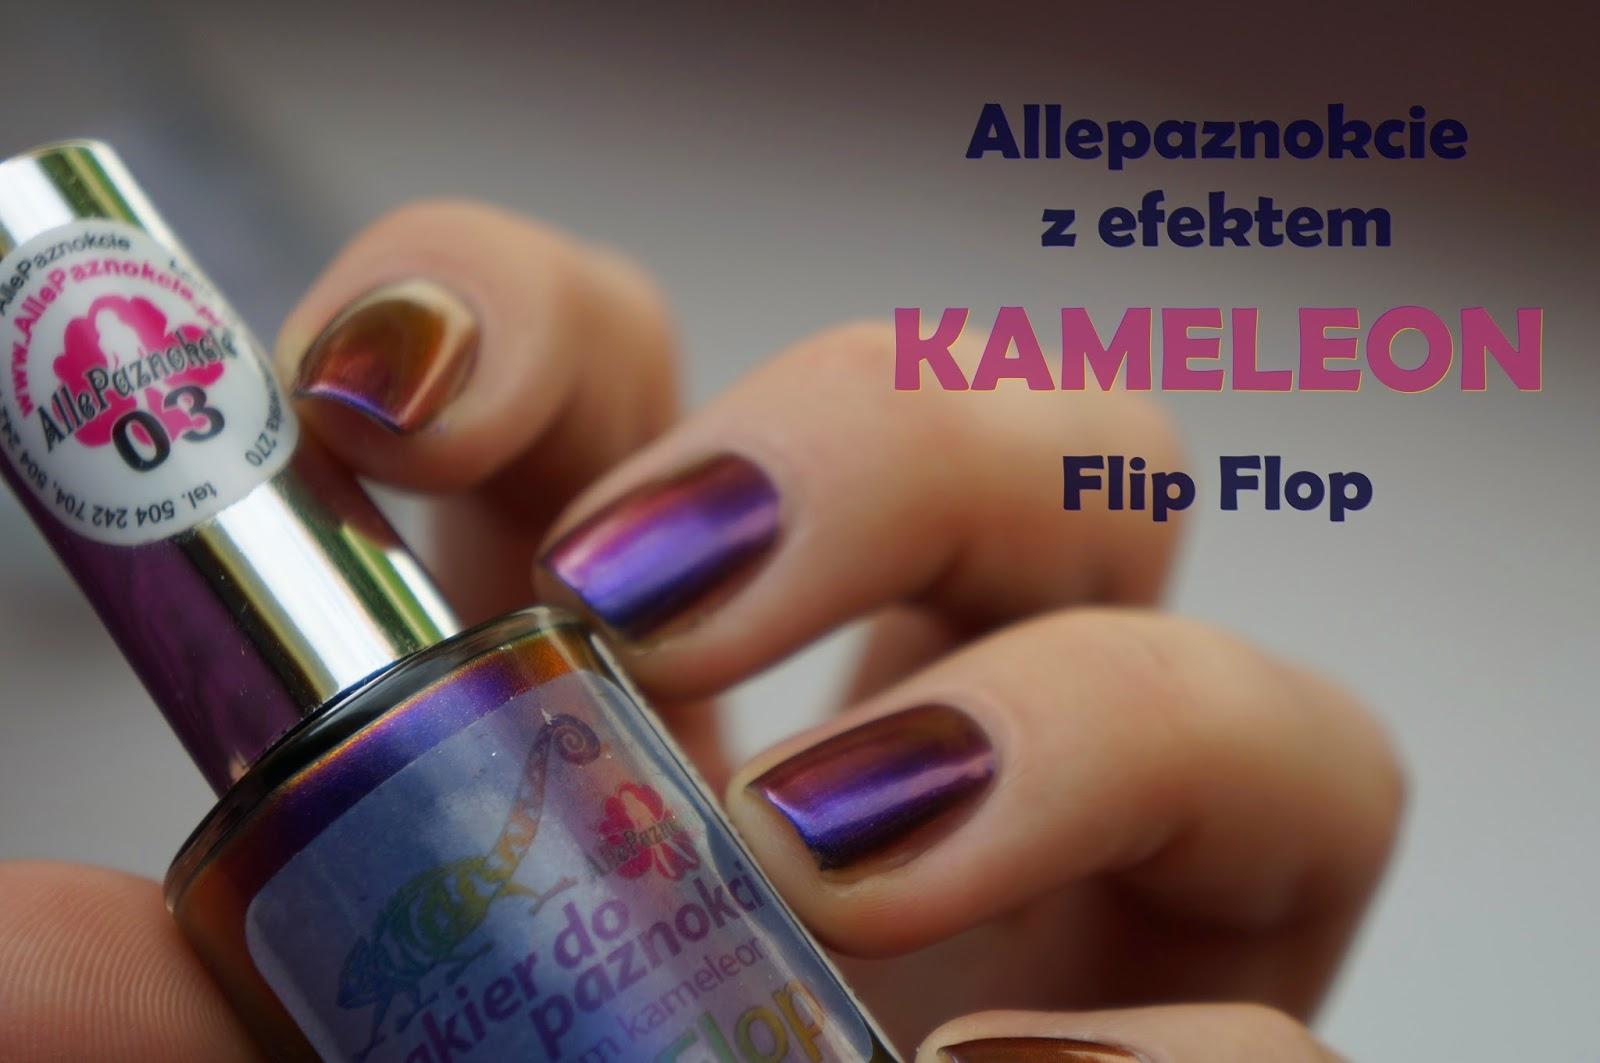 Allepaznokcie flip flop Kameleon #03, czyli lakier o tysiącu twarzy